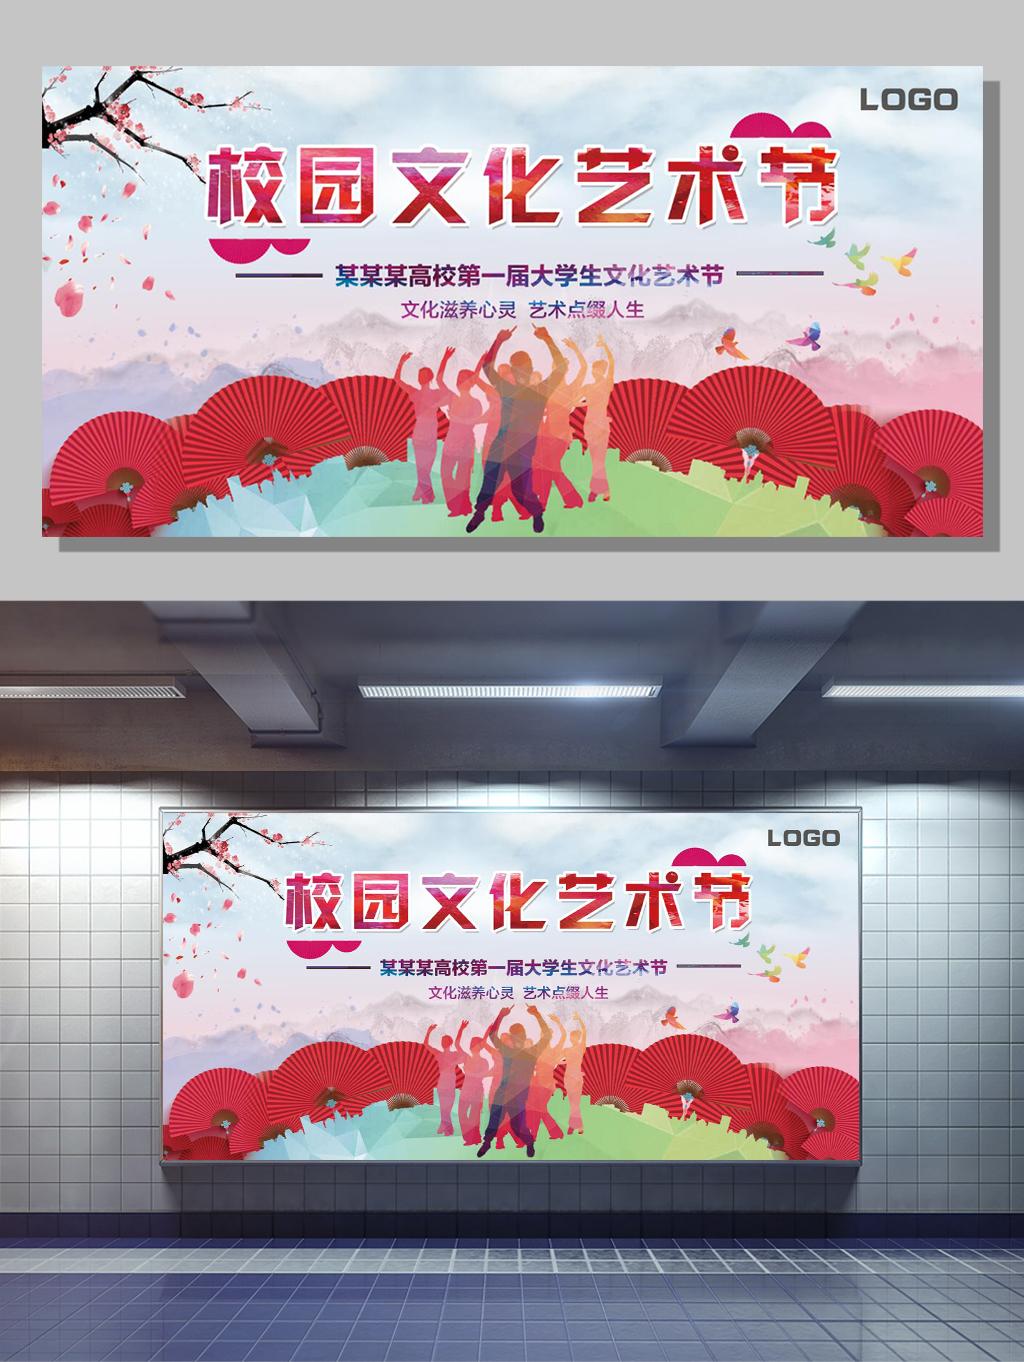 原创设计开学典礼校园文化艺术节活动海报设计